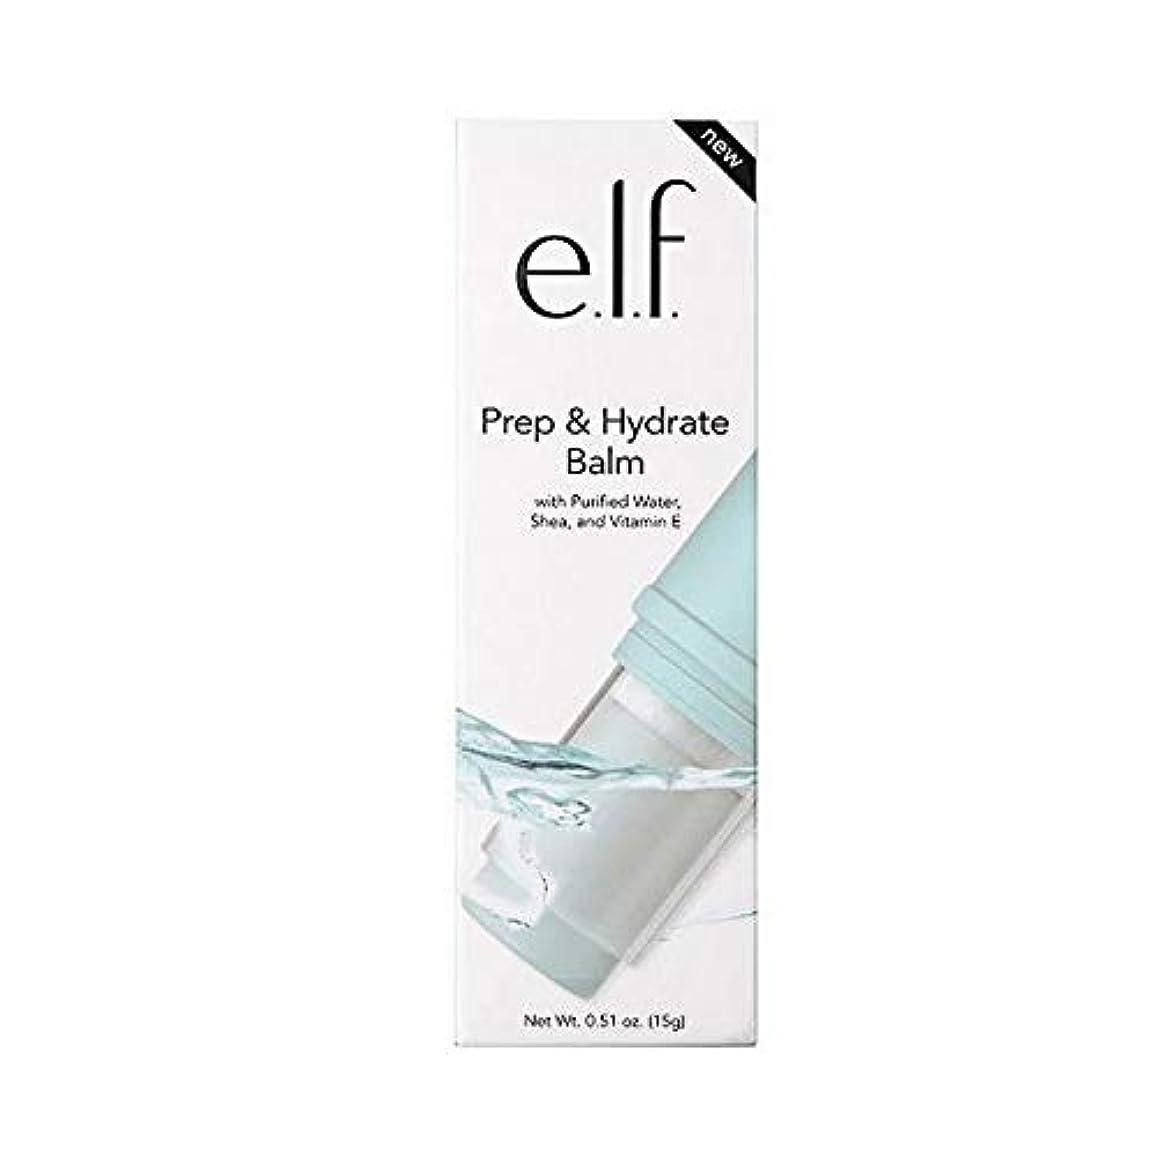 バルブ囚人常習者[Elf ] エルフ。予備校&ハイドレートクリーム - e.l.f. Prep & Hydrate Balm [並行輸入品]